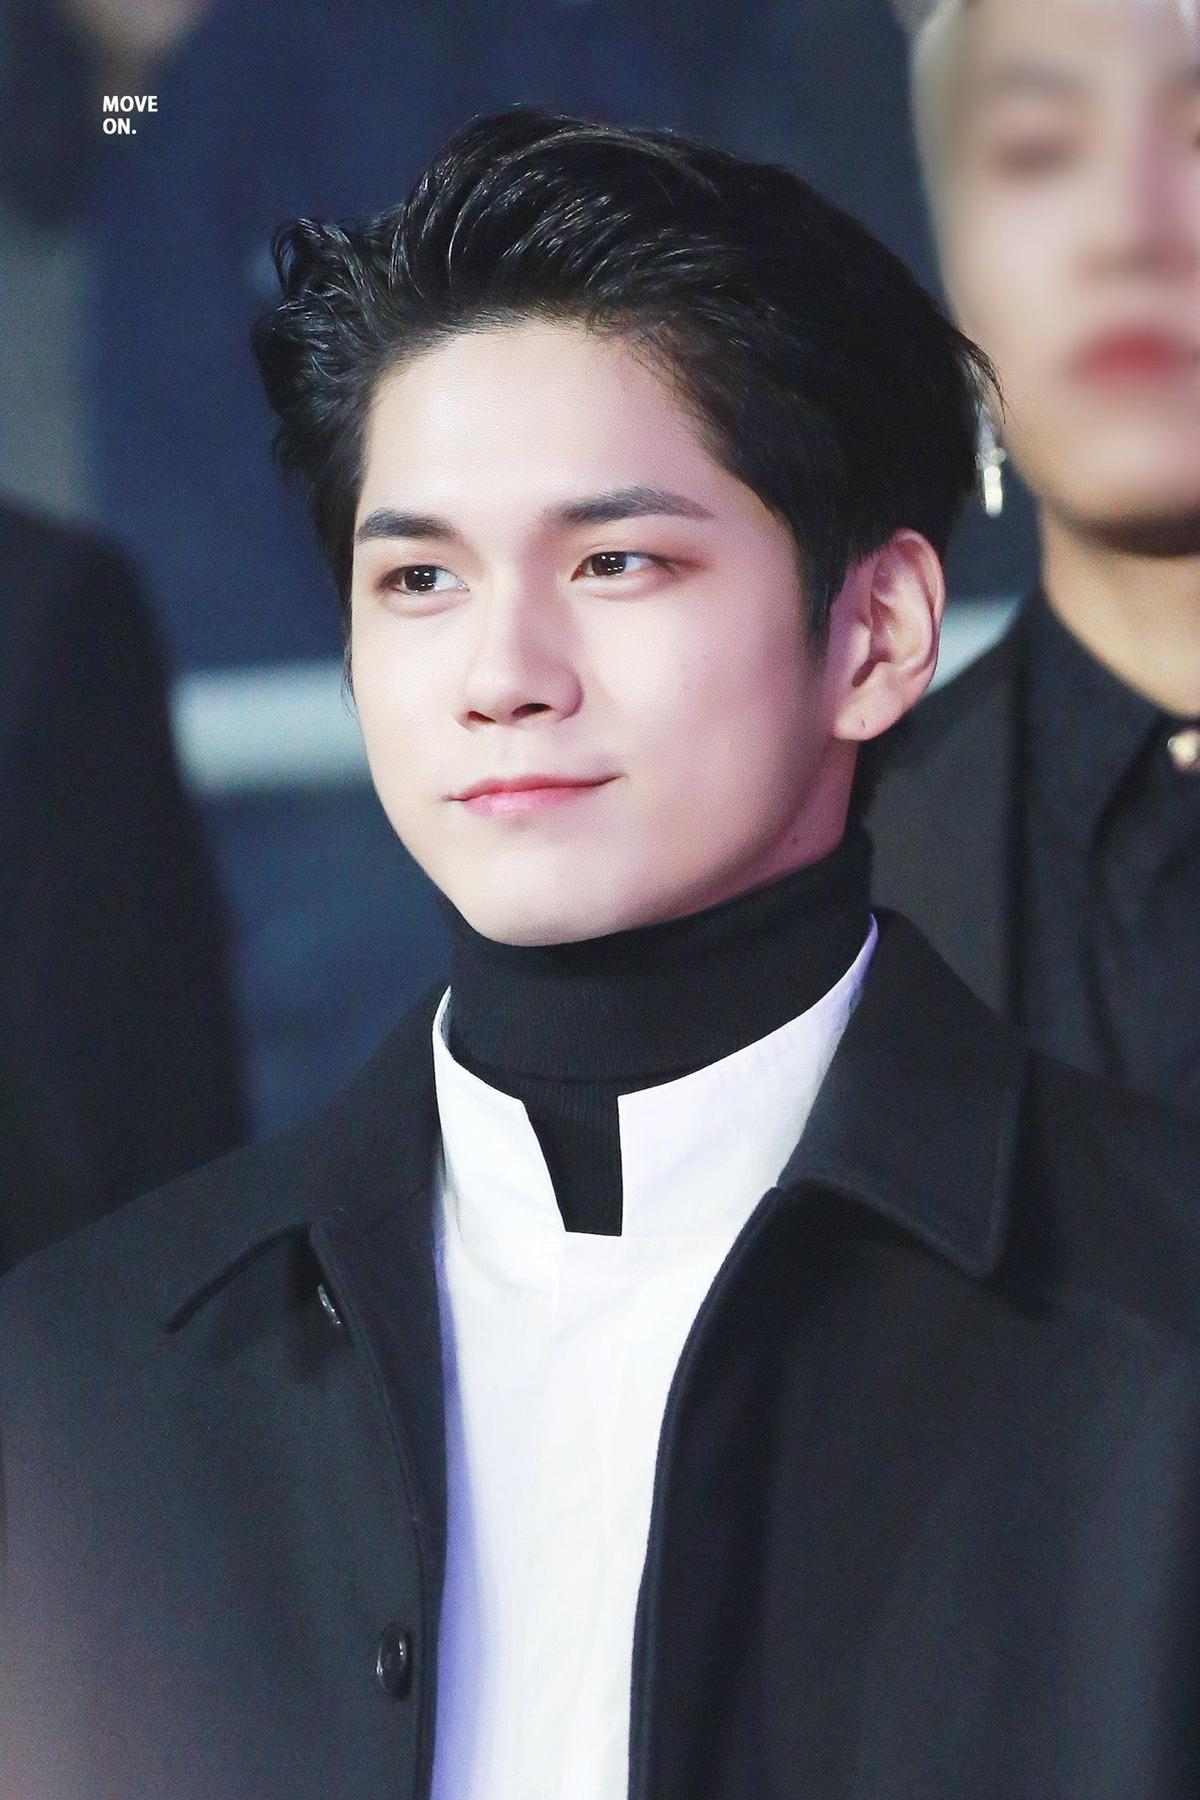 Tại lễ trao giải MBC Plus X Genie Music Awards 2018, Ong Seong Woo xuất hiện với mái tóc đen vuốt ngược khoe vầng trán nam tính và phong cách thời trang lịch lãm.